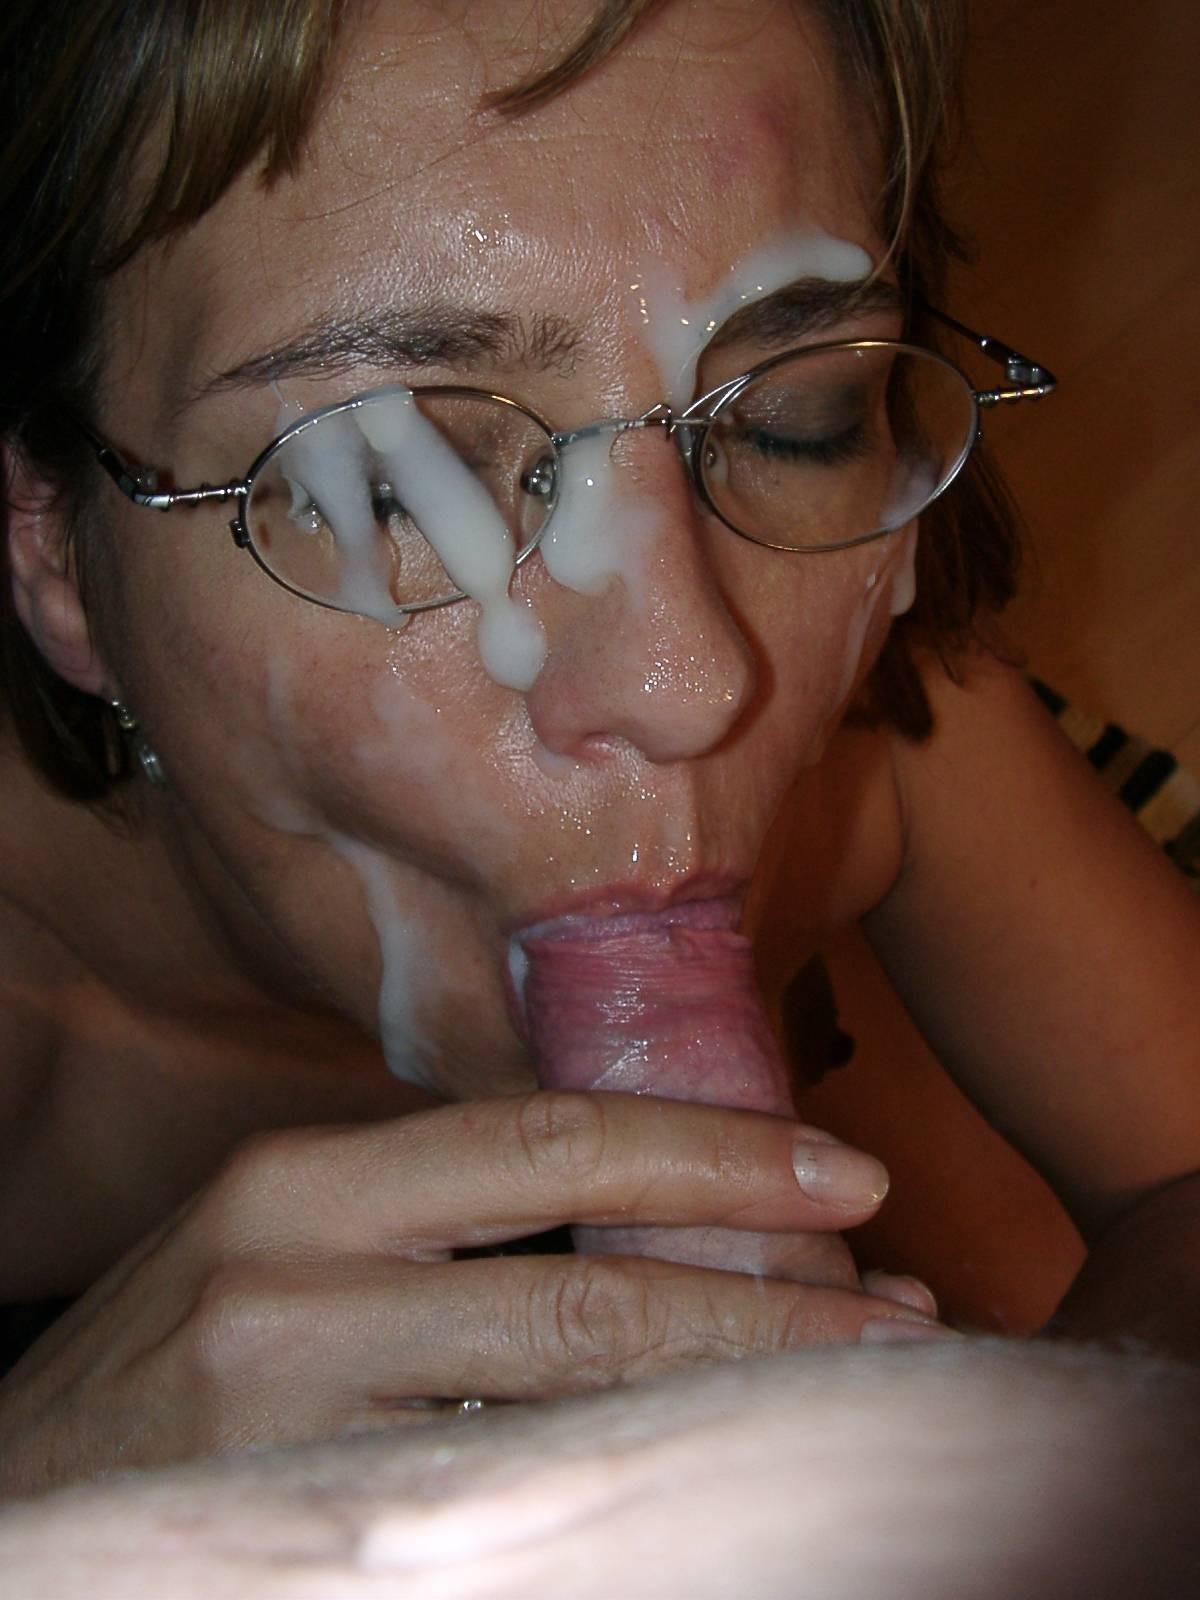 babes-mature-facial-porn-tubes-insex